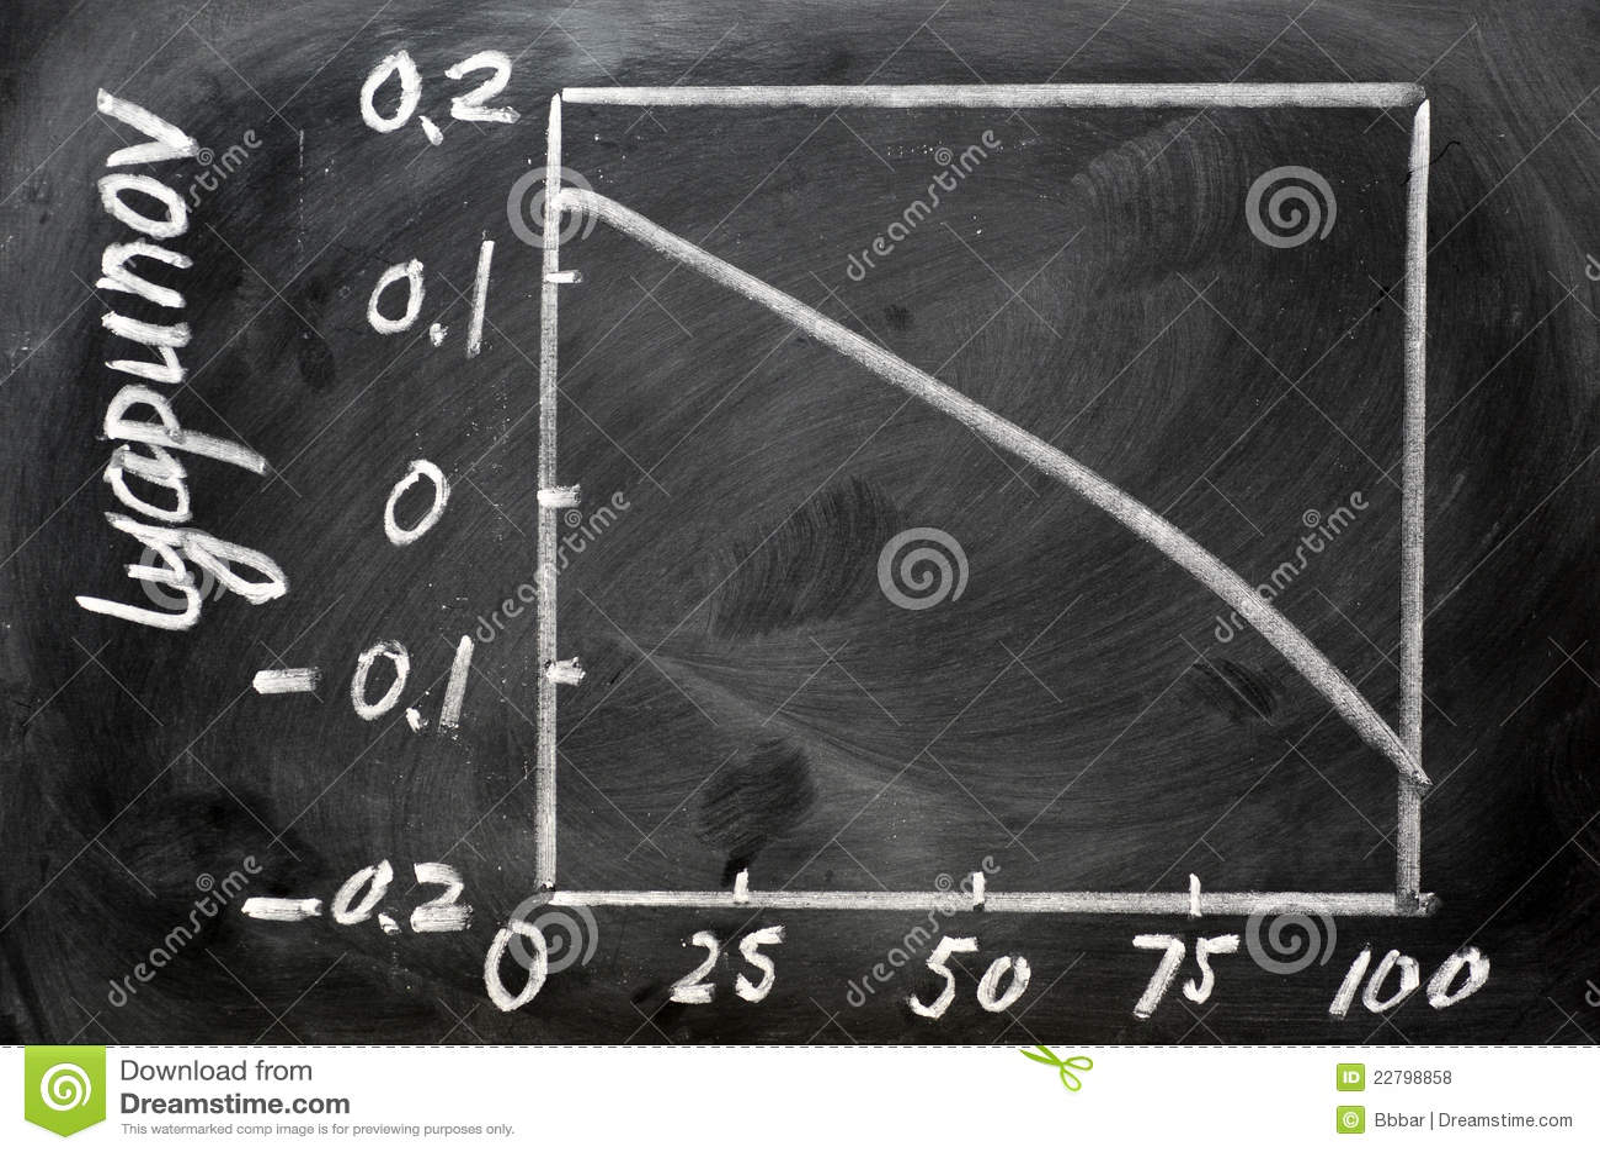 ευρετήριο καμπυλών υπολογισμού lyapunov